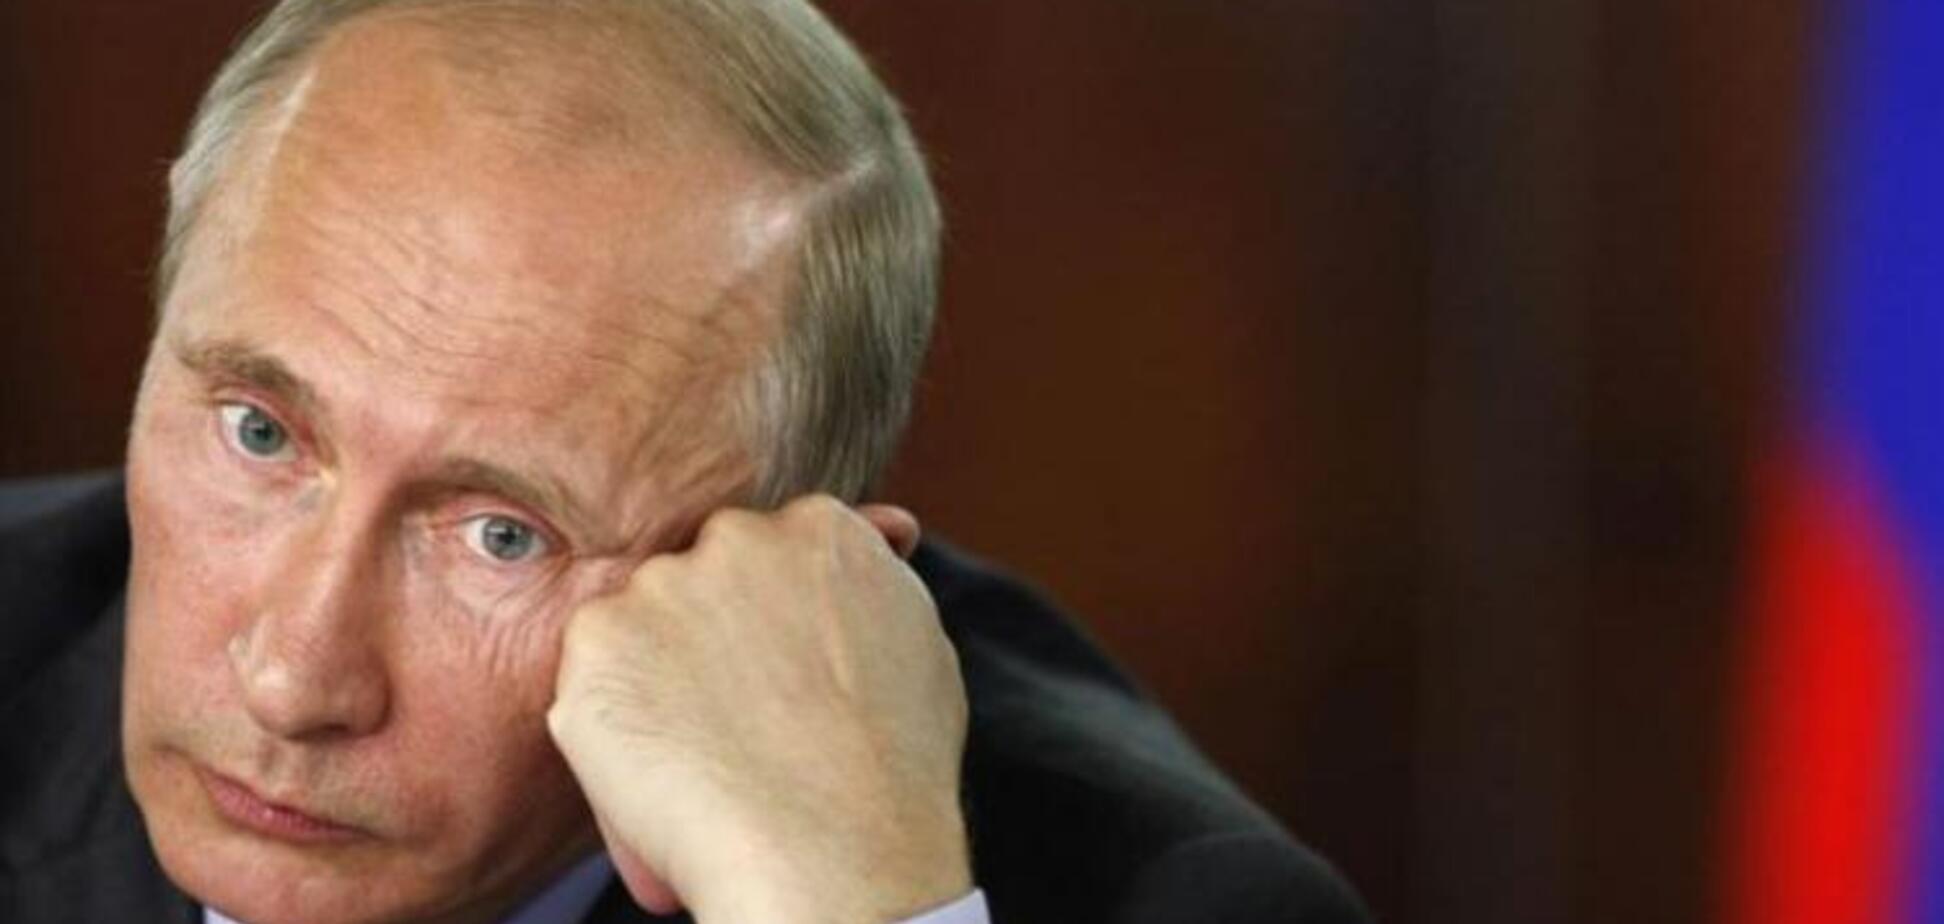 'Молодь вже інша': журналіст розповів про гучне фіаско 'руского міра'